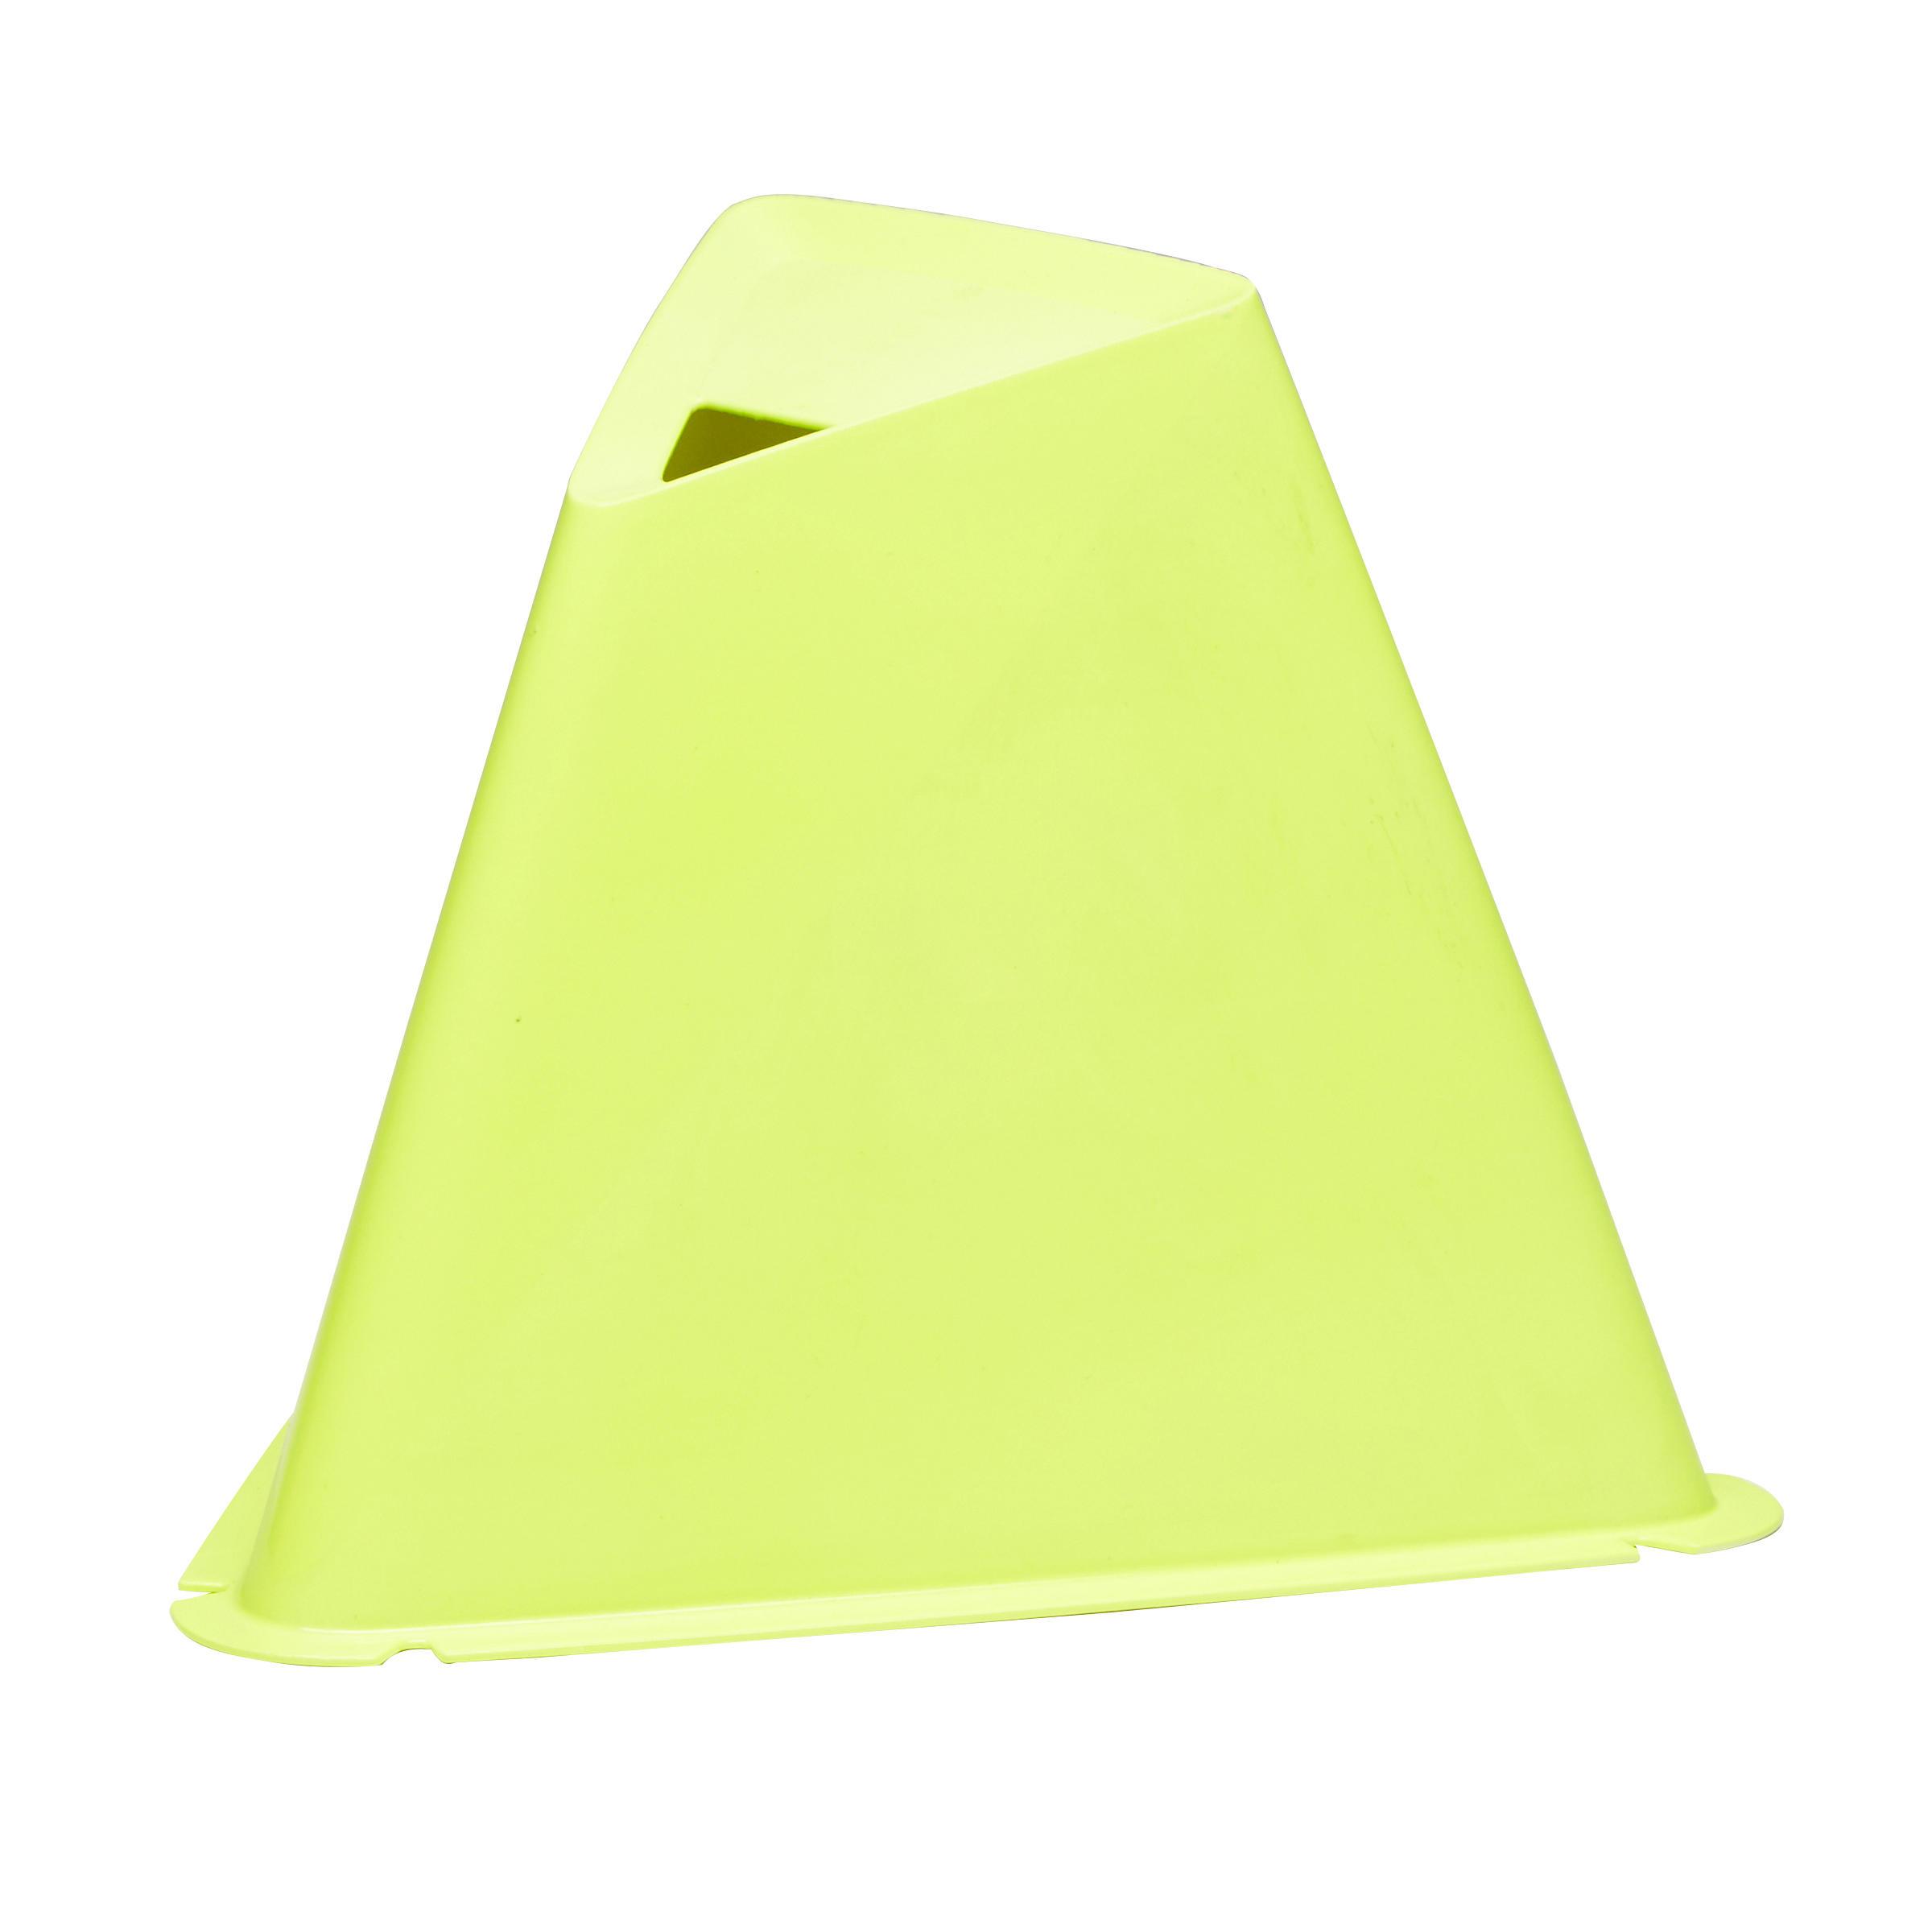 Pqt. de 6 conos Essential 15 cm amarillo